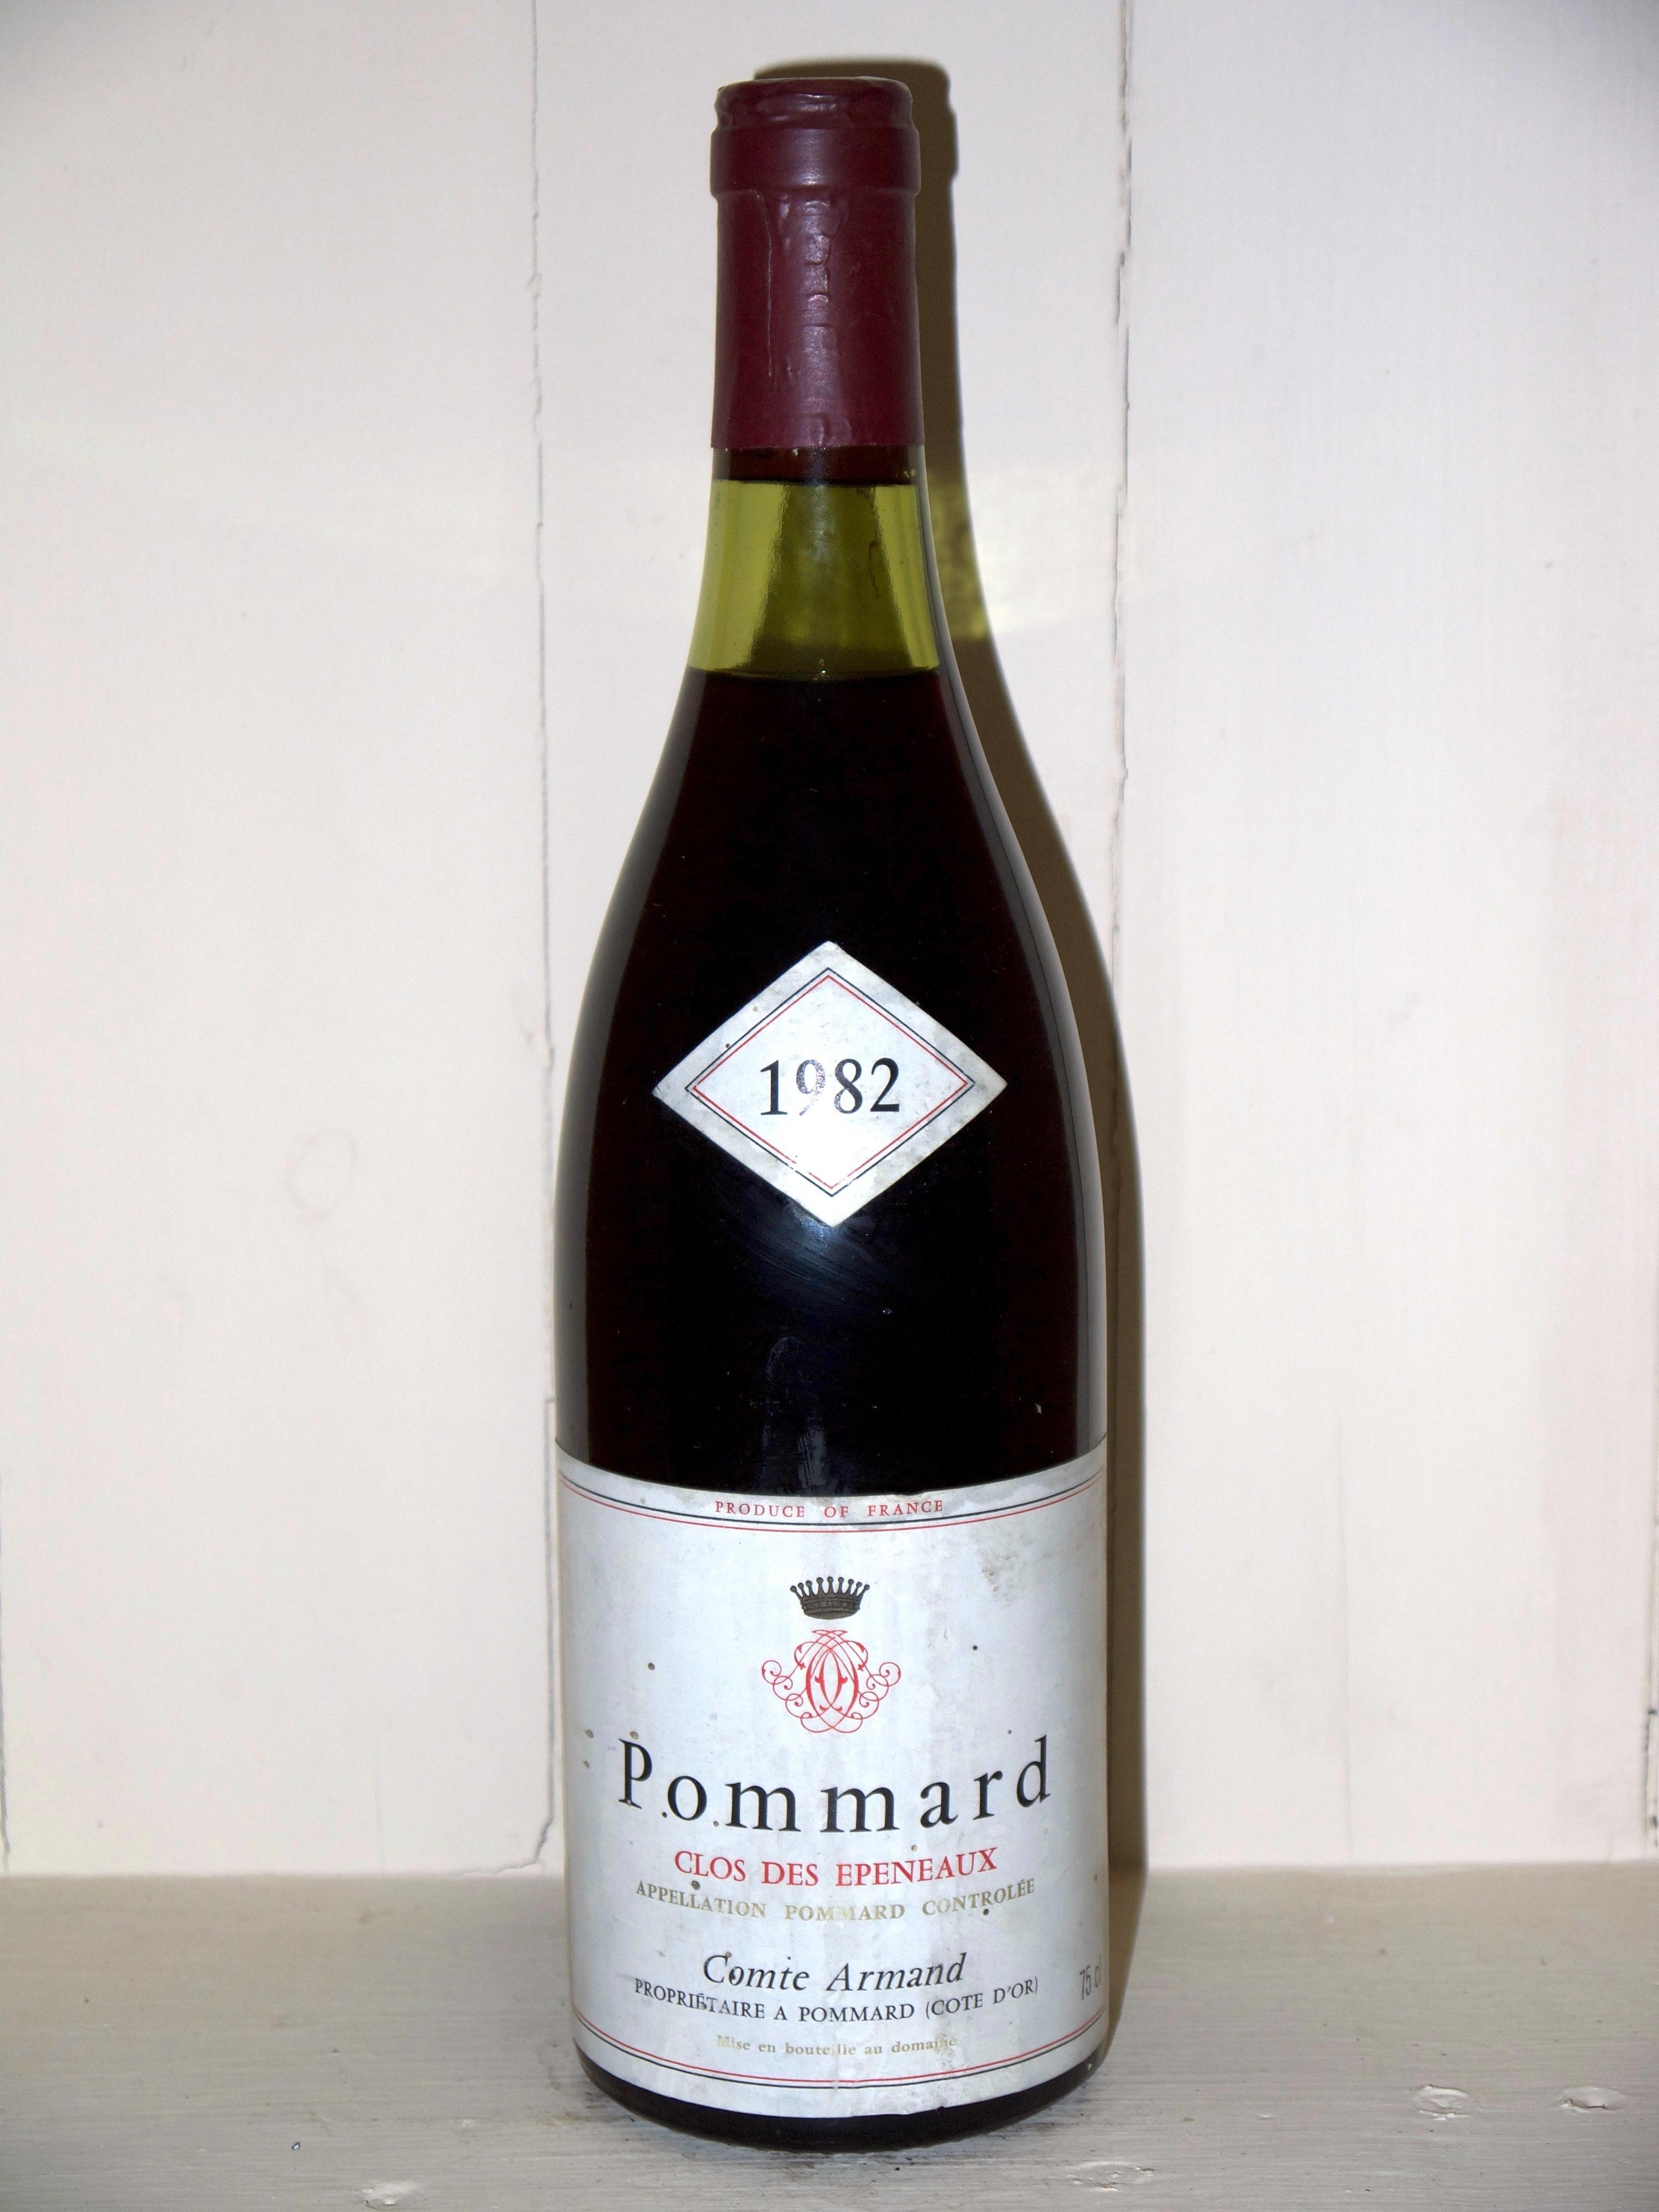 Pommard 1982 Clos Des Epeneaux Comte Armand Great Wine Pommard Au Droit De Bouchon